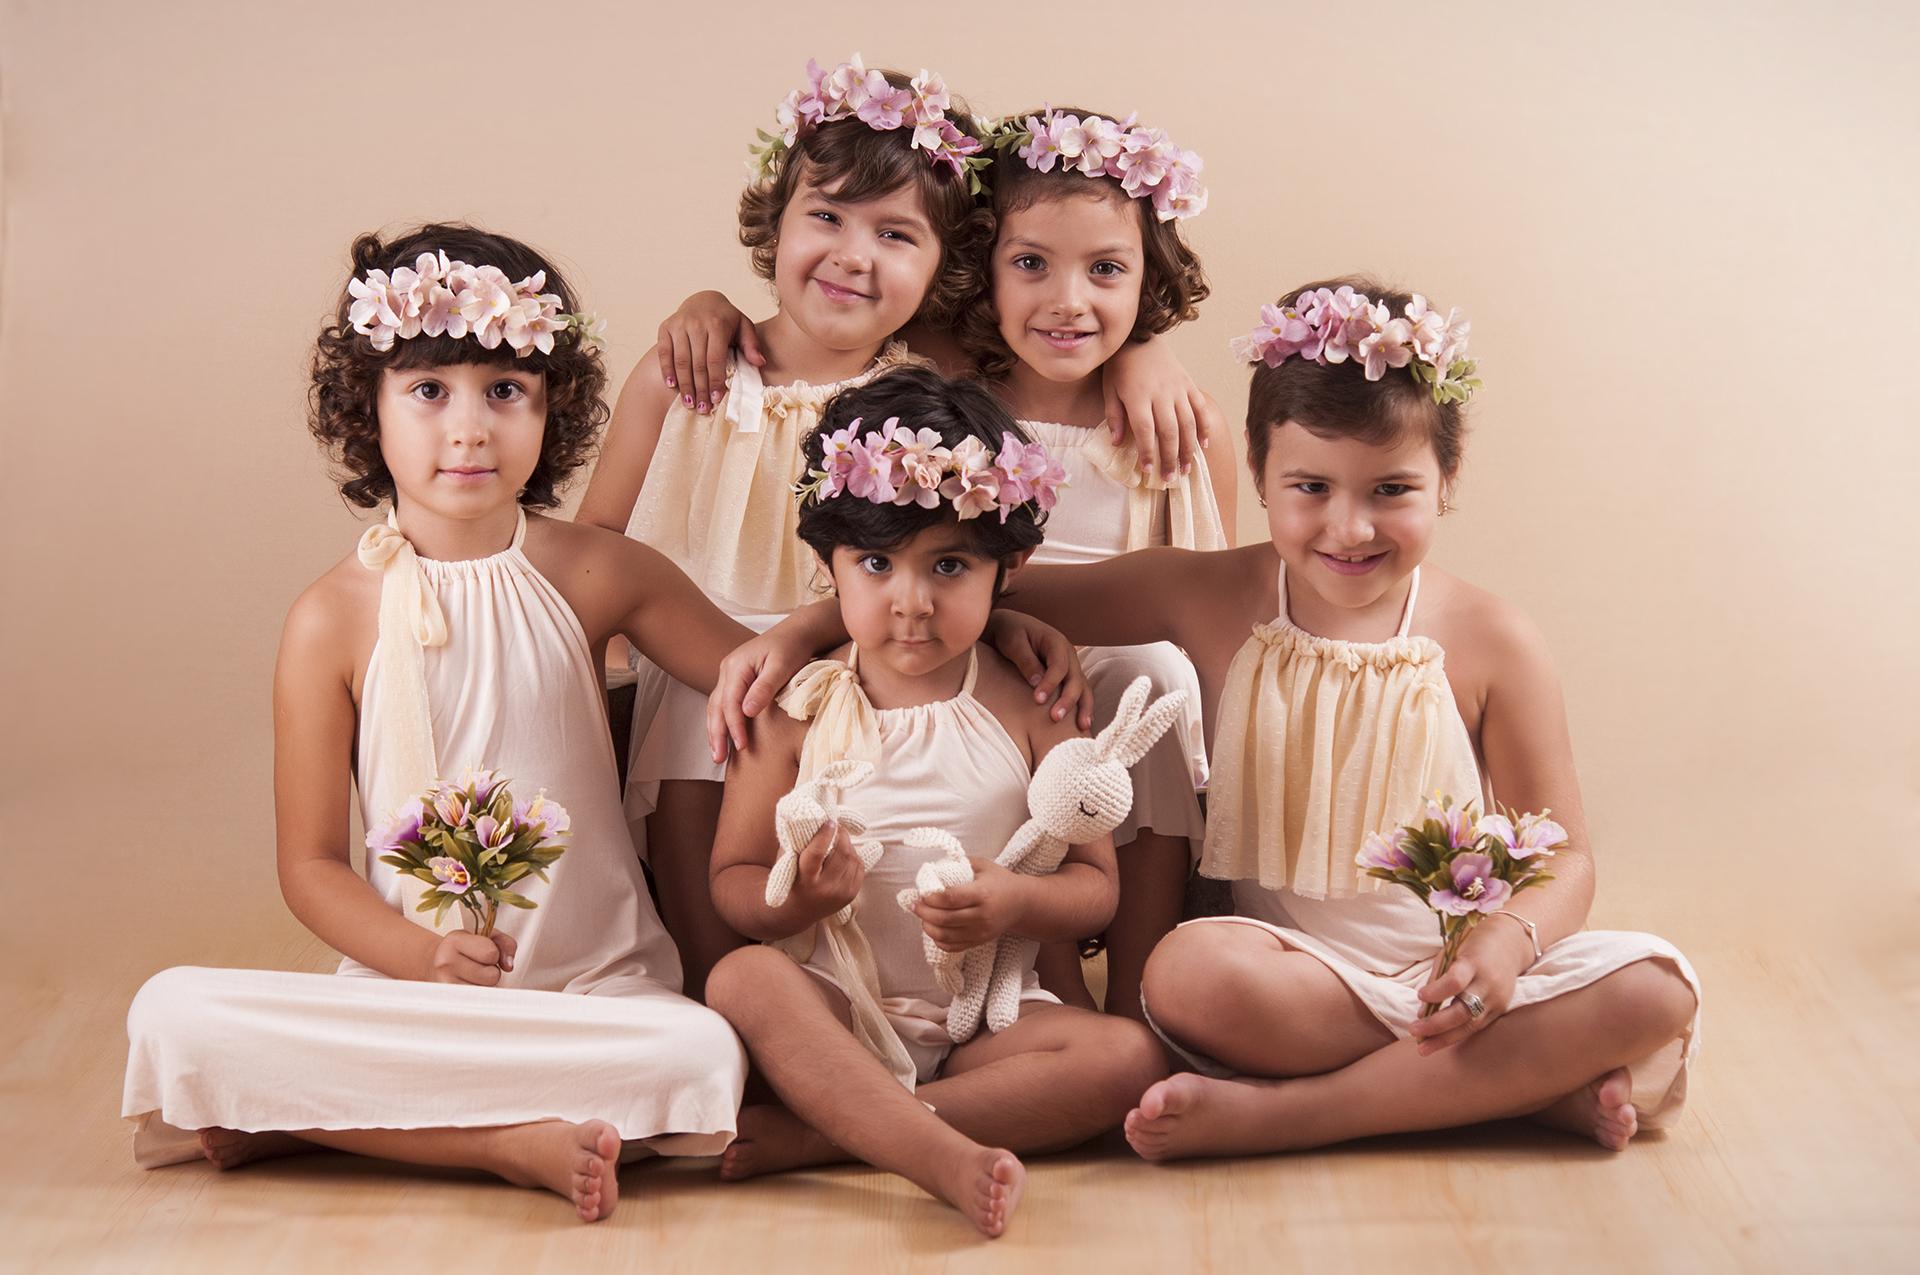 Al medio, Juanna. A la izquierda, Felicitas (6), a la derecha Guillermina (6). Arriba a la izquierda Celina (5) y a la derecha Zoe (6) (Gentileza Maité Arrieta Photography)